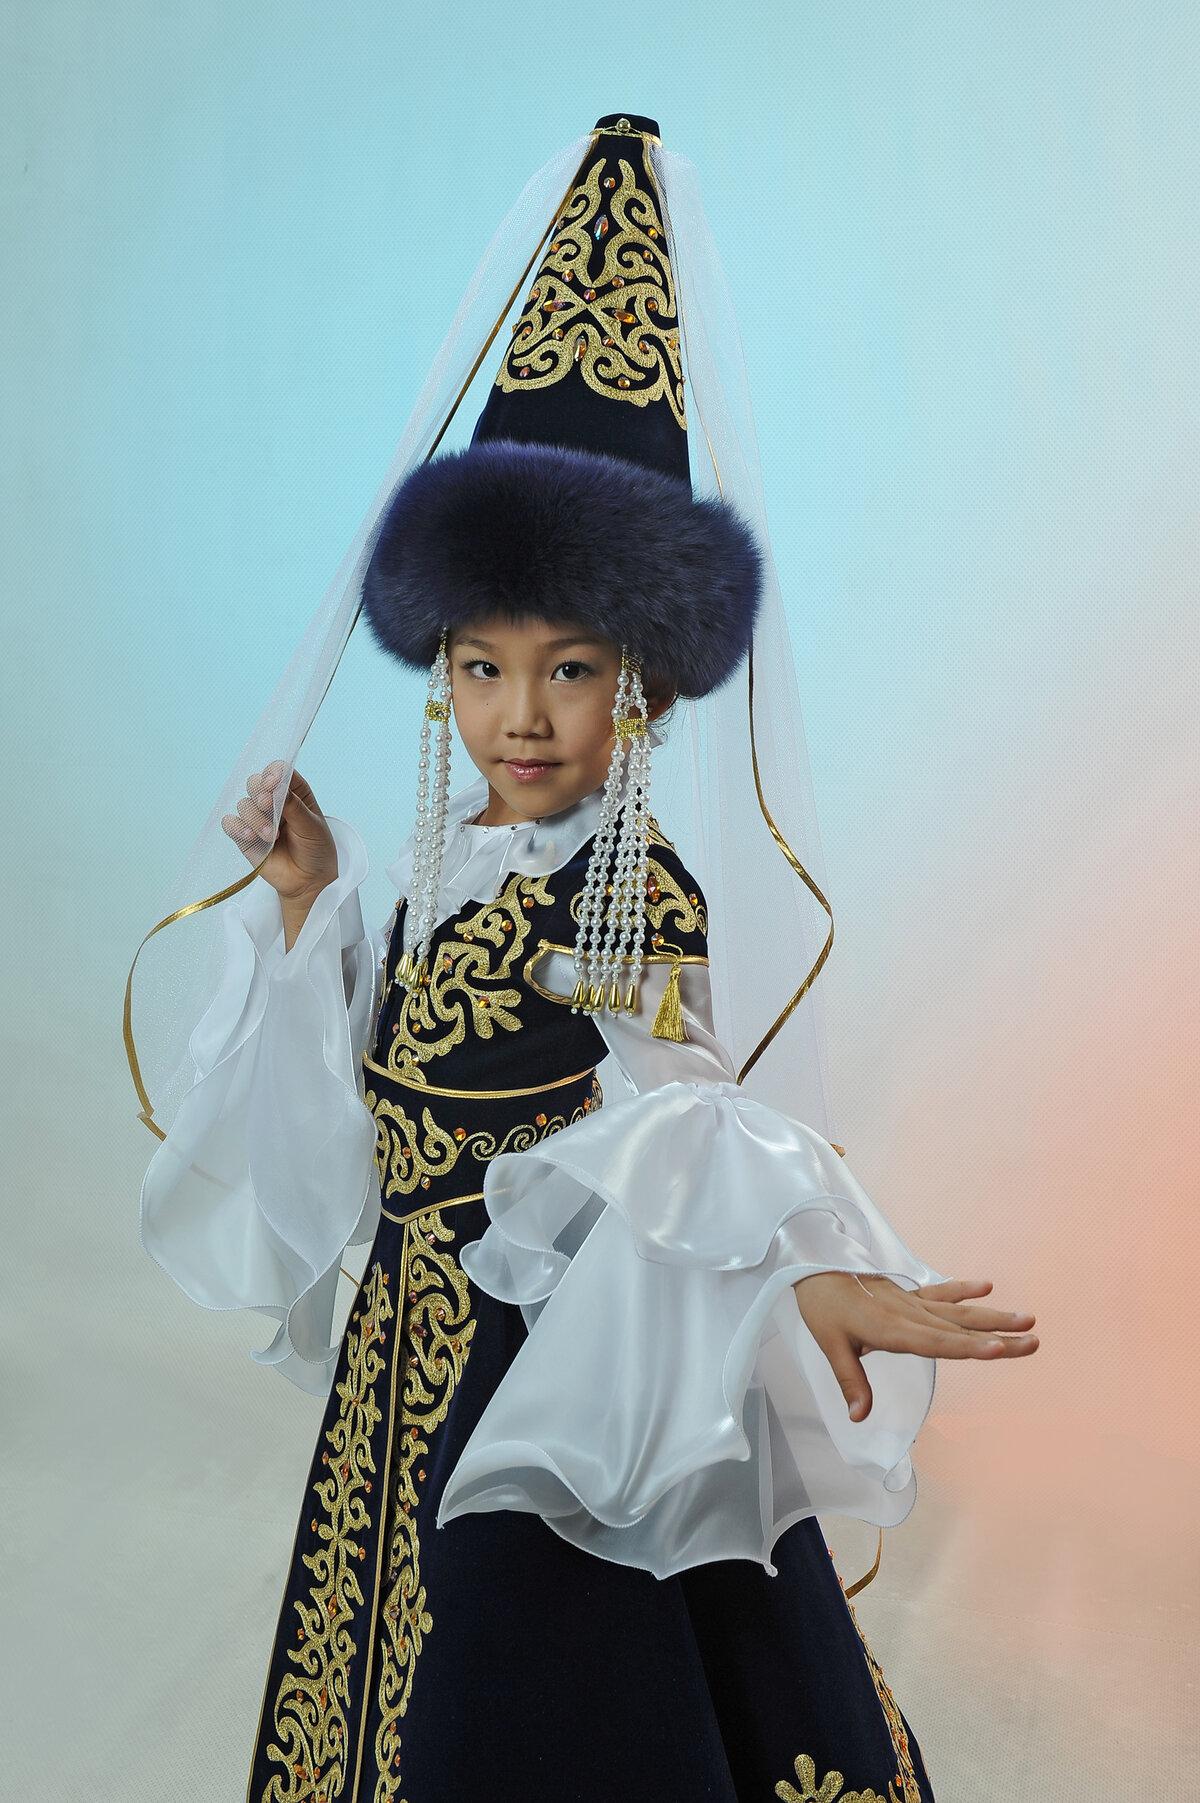 решил картинки казахских национальных платьев очень признателен если